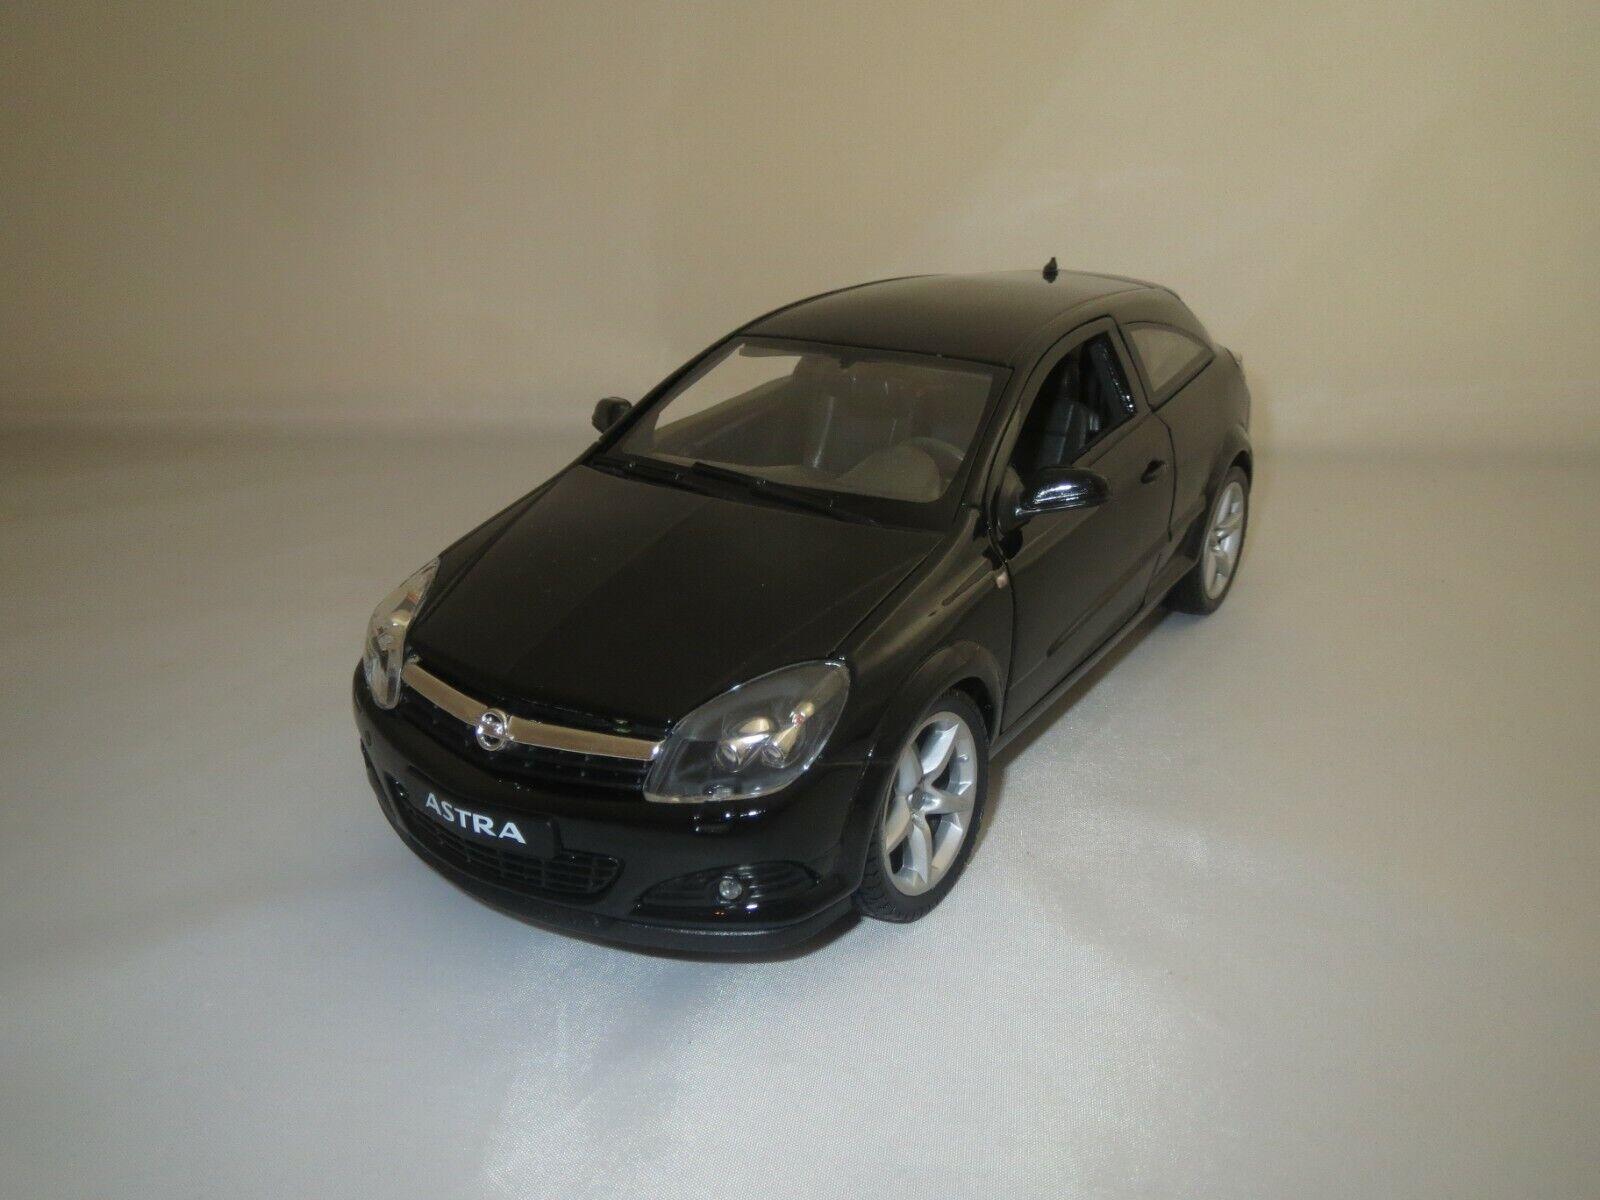 buscando agente de ventas WELLY Opel Astra Astra Astra GTC  2005  (negro) 1 18 sin embalaje   ventas en linea